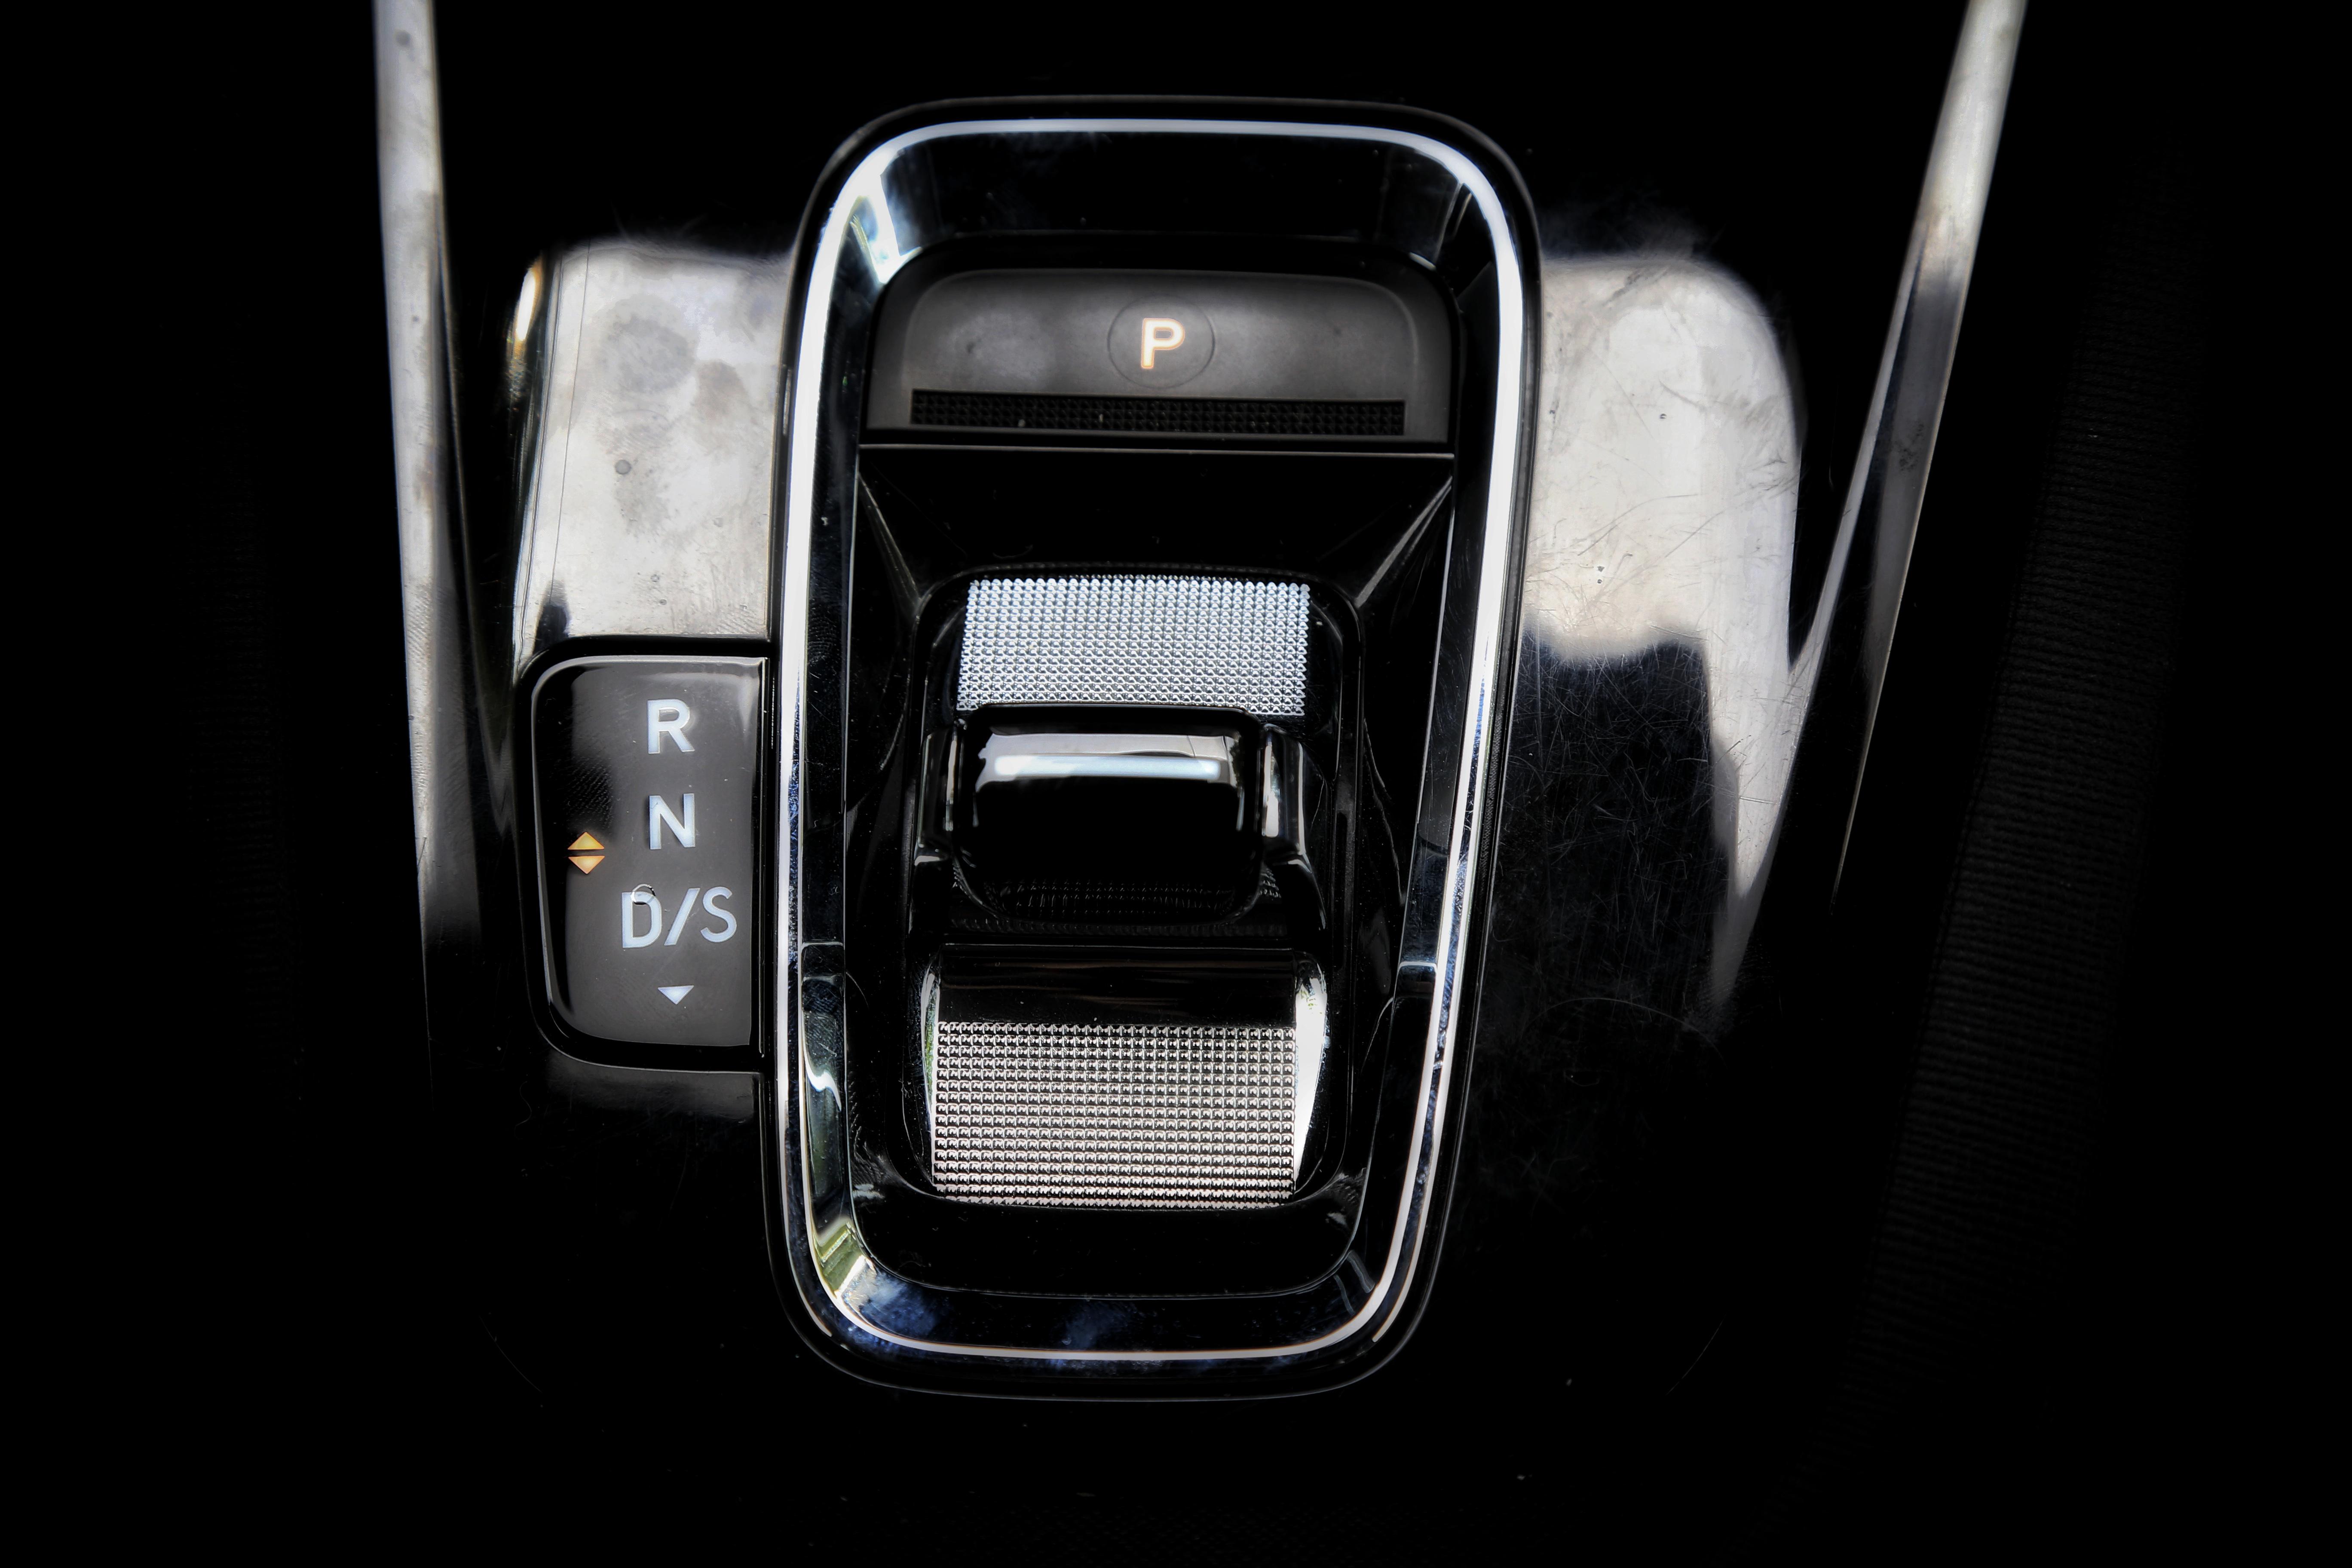 试驾全新明锐PRO:德味十足,比速腾实惠,性价比突出